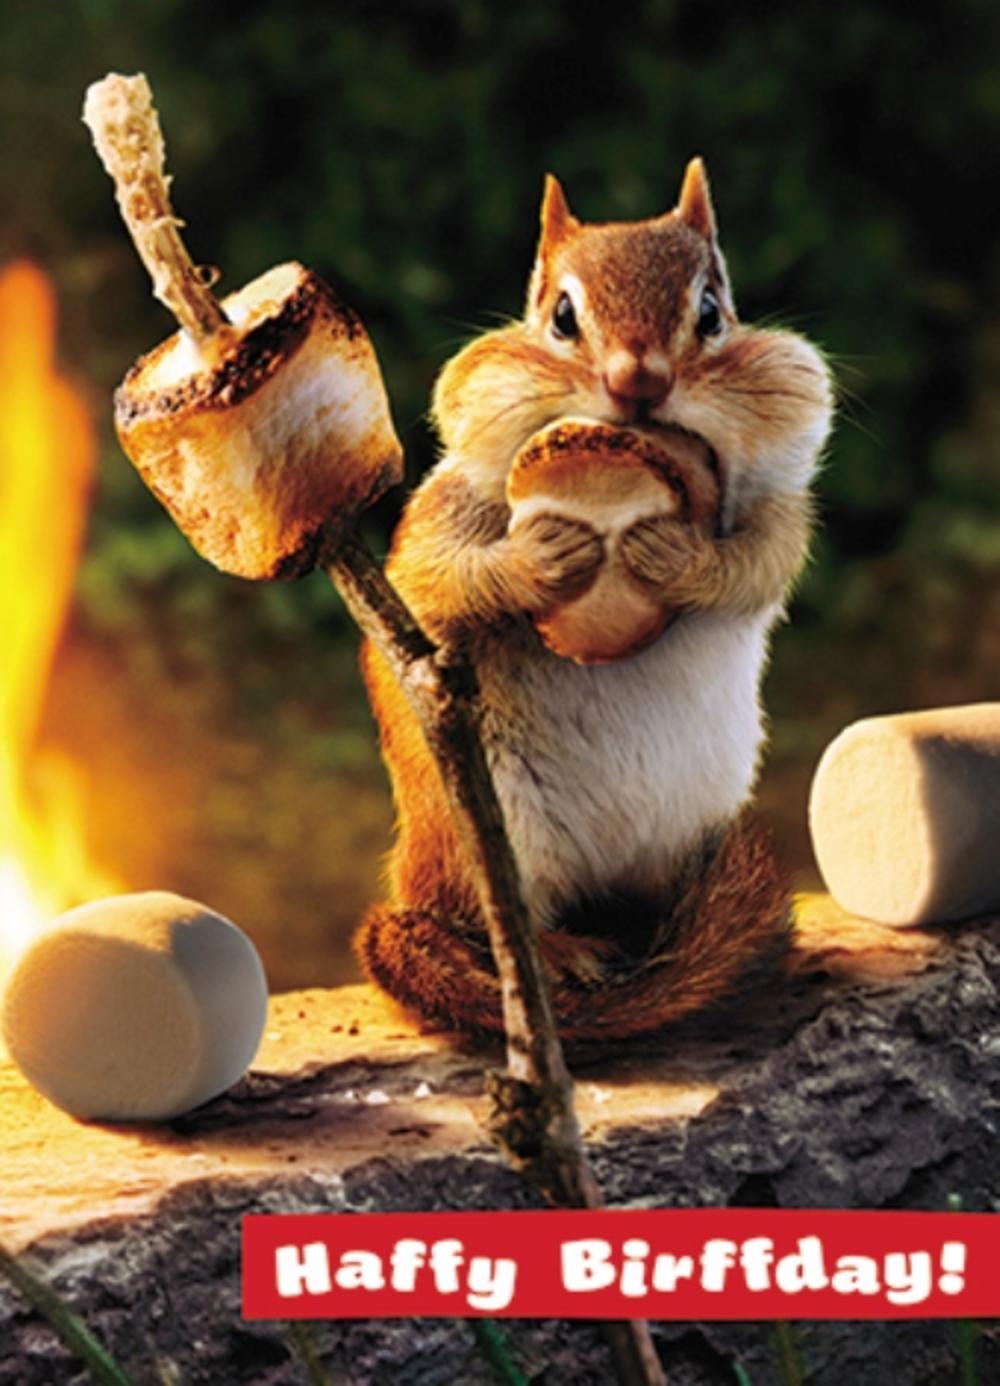 Avanti Haffy Birffday Marshmallow Birthday Greeting Card